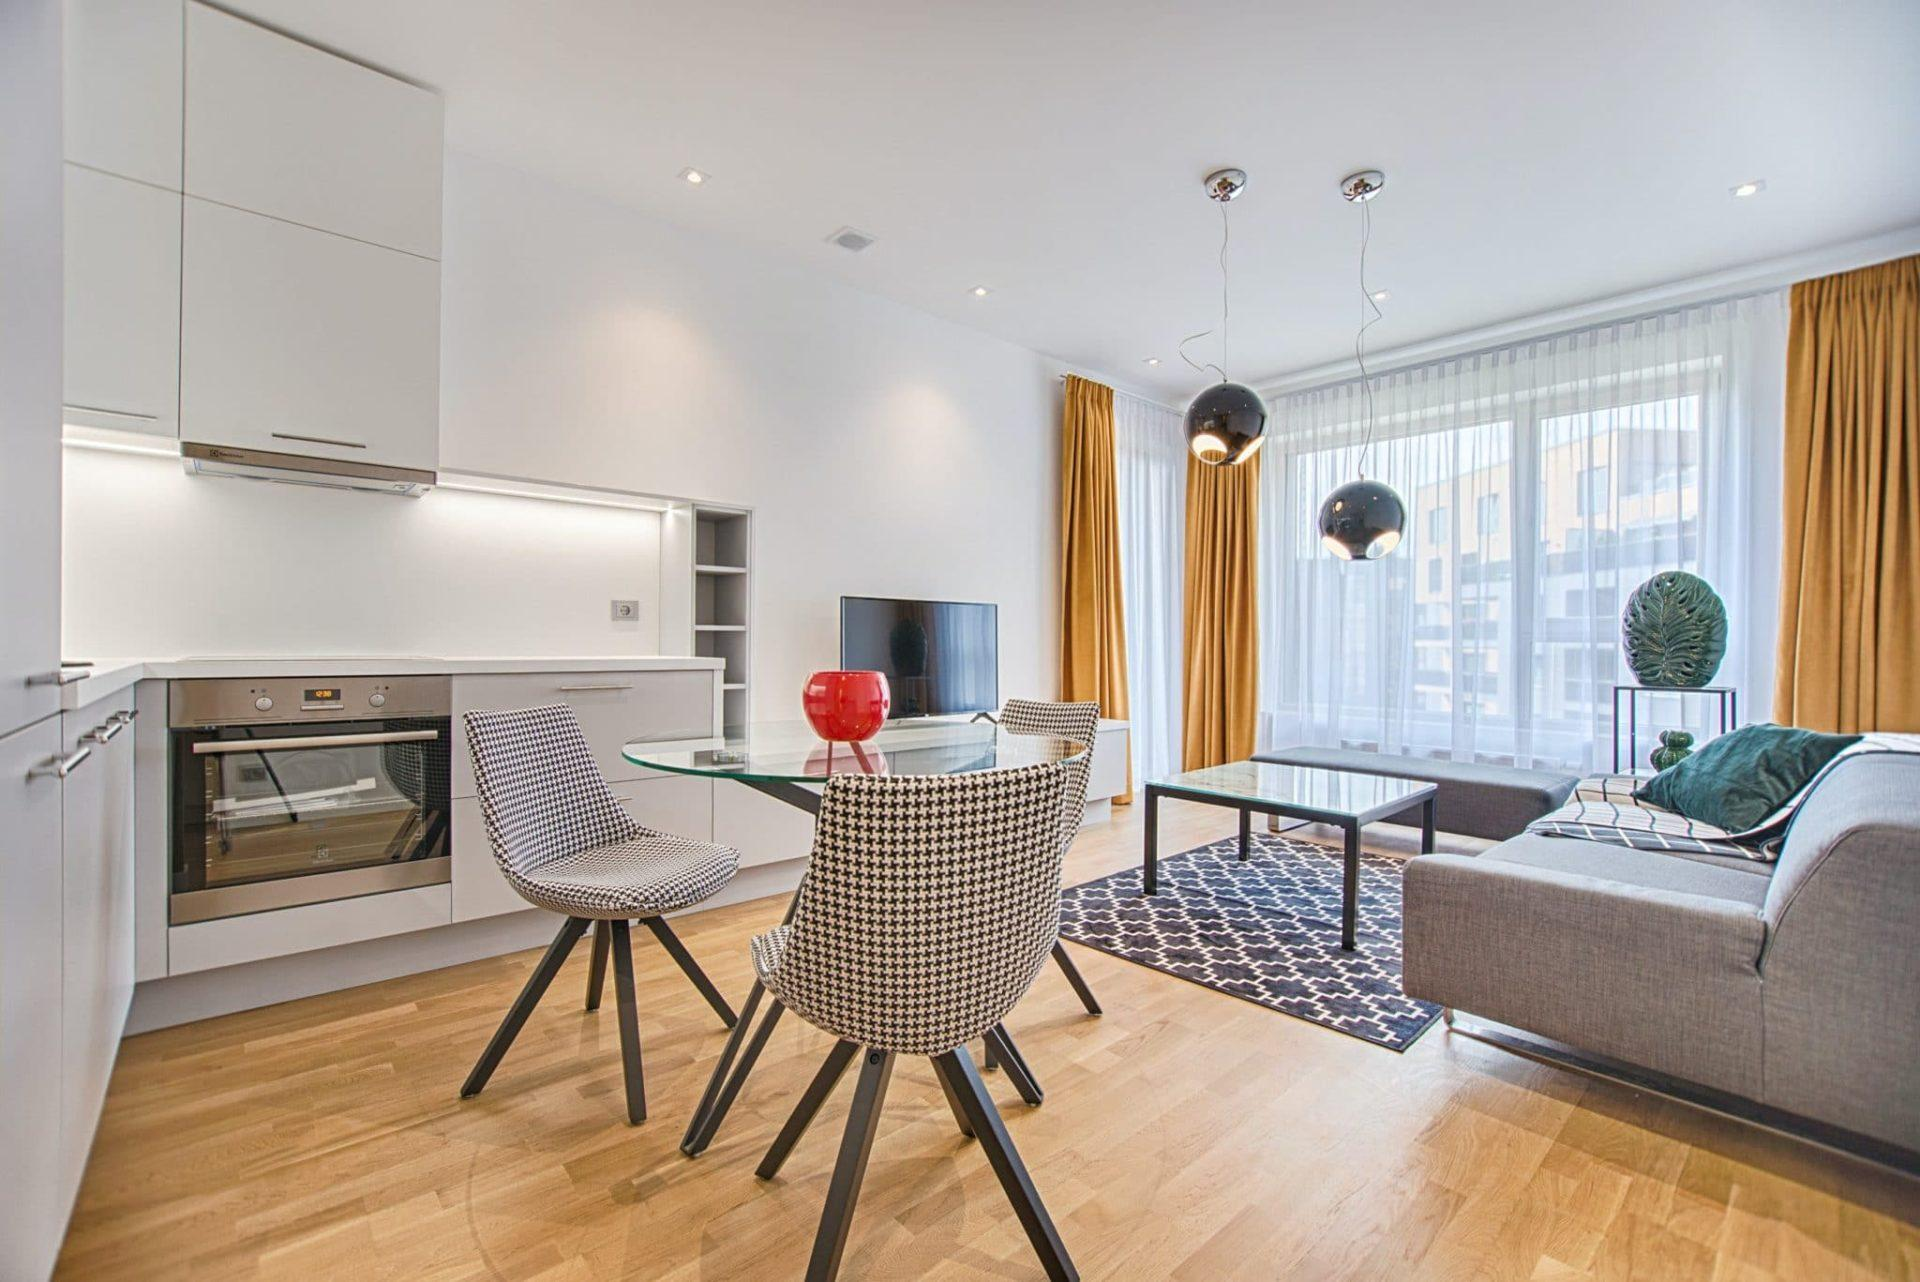 купить квартиру для аренды в германии